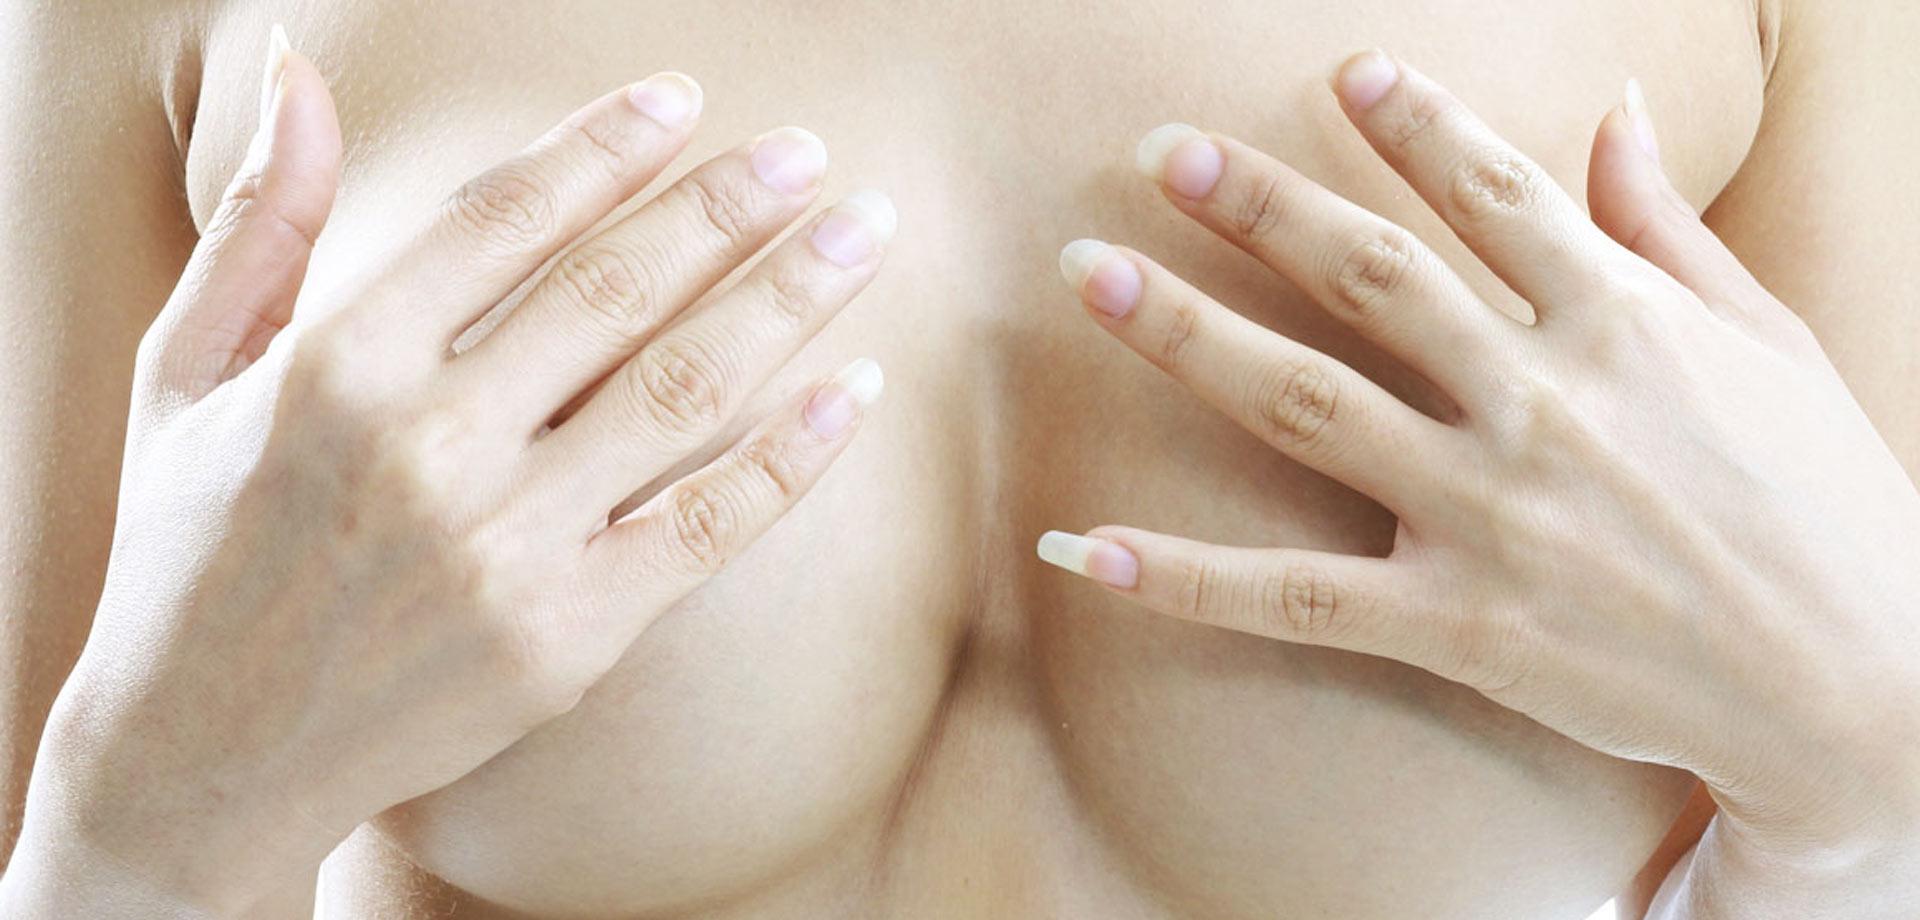 Breast Series